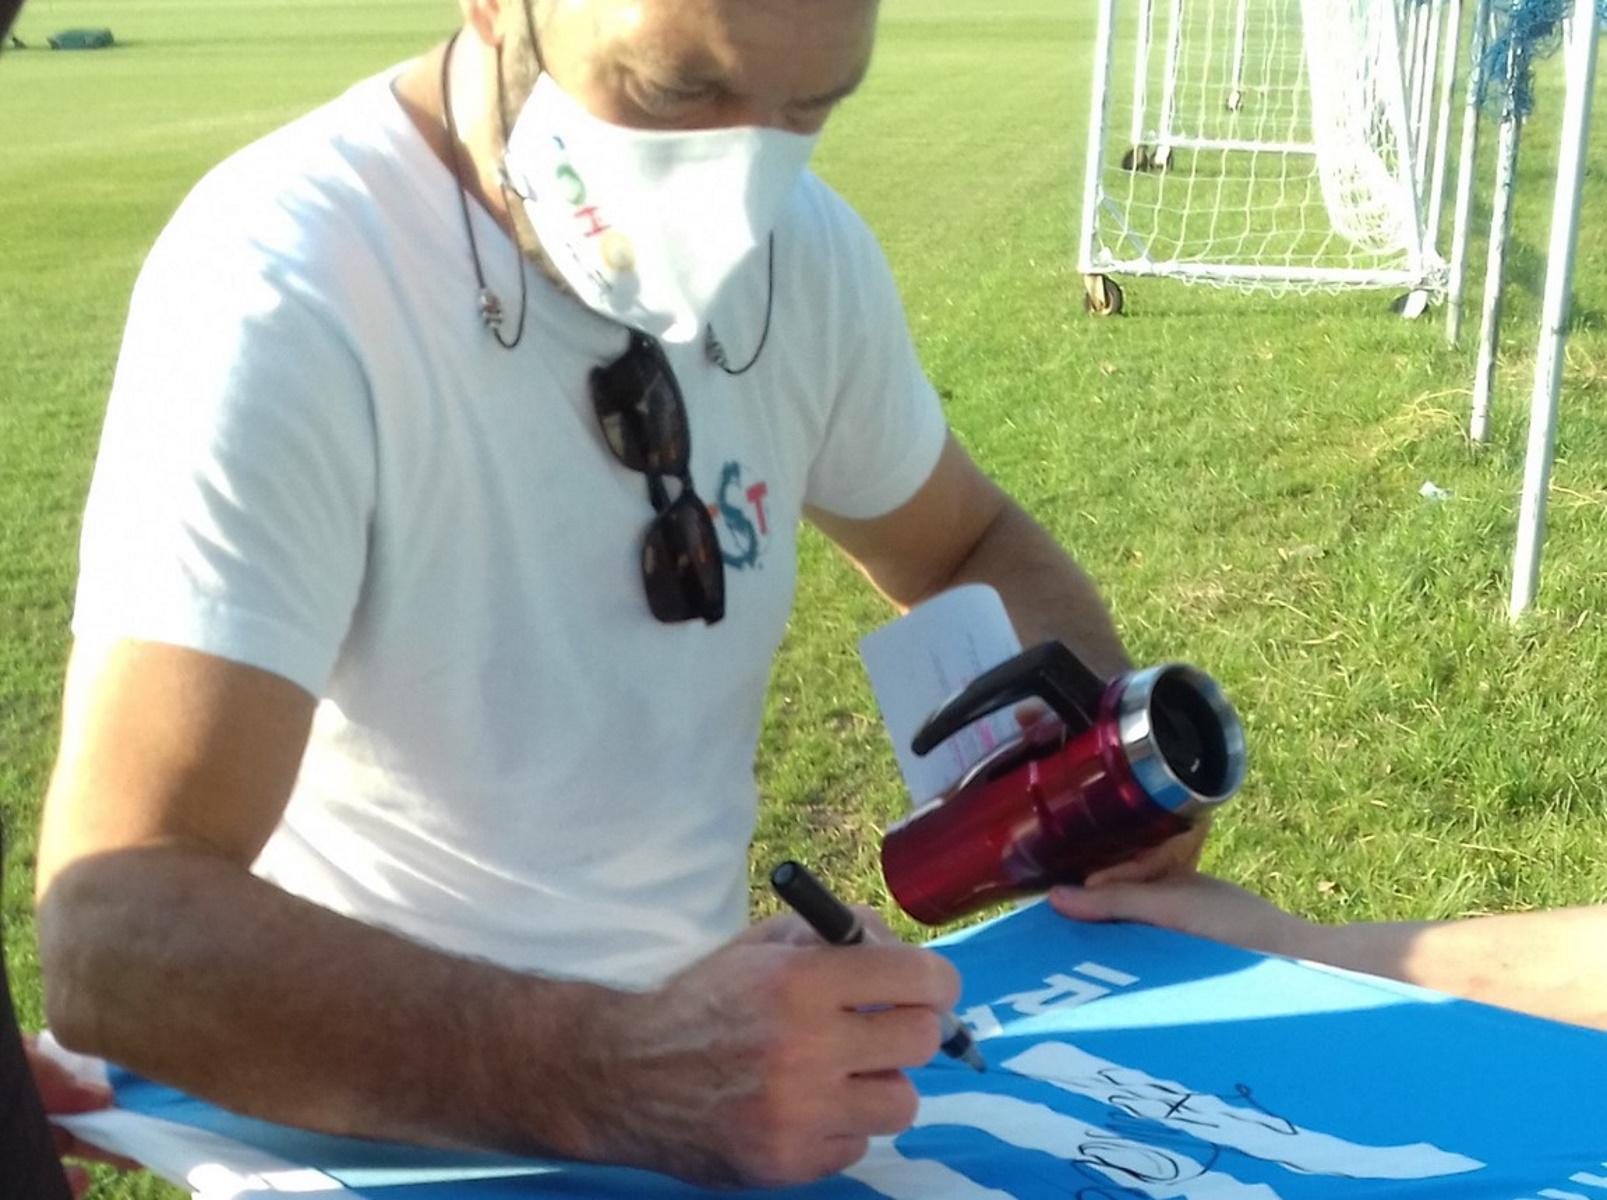 Αντόνιο Μπαντέρας: «Επίσκεψη» στον Ηρακλή, υπέγραψε τη φανέλα με το «10»